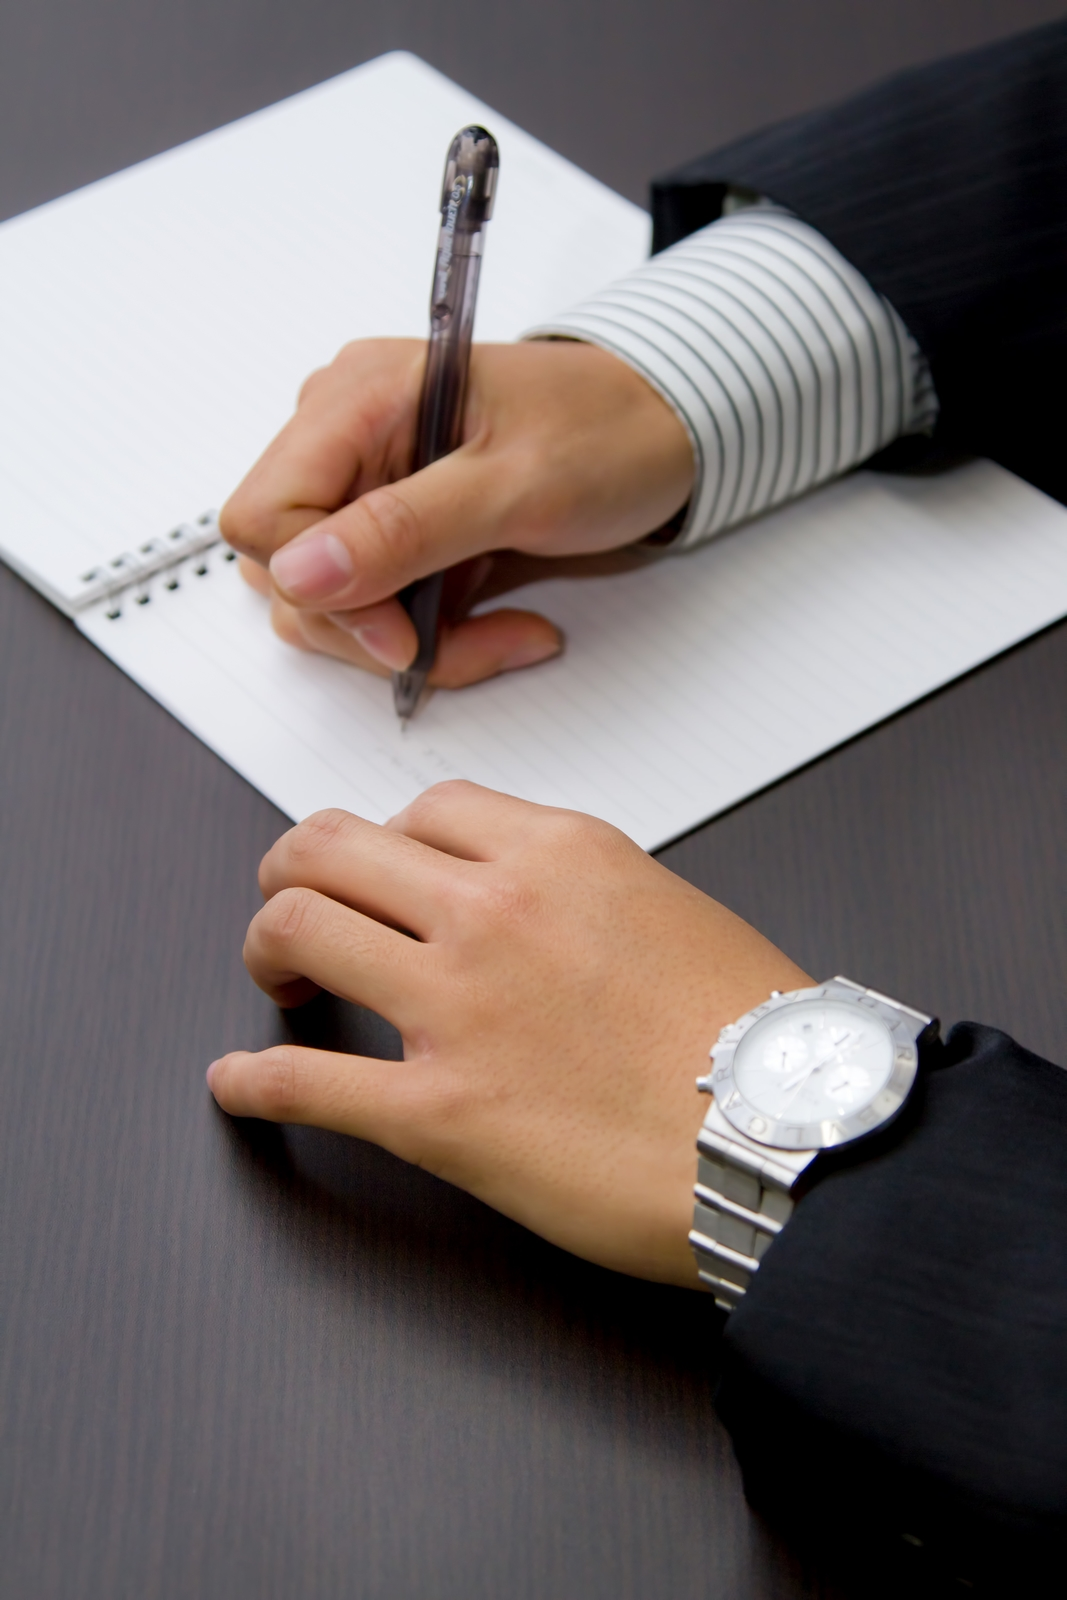 士 試験 日程 弁理 文書情報管理士検定試験